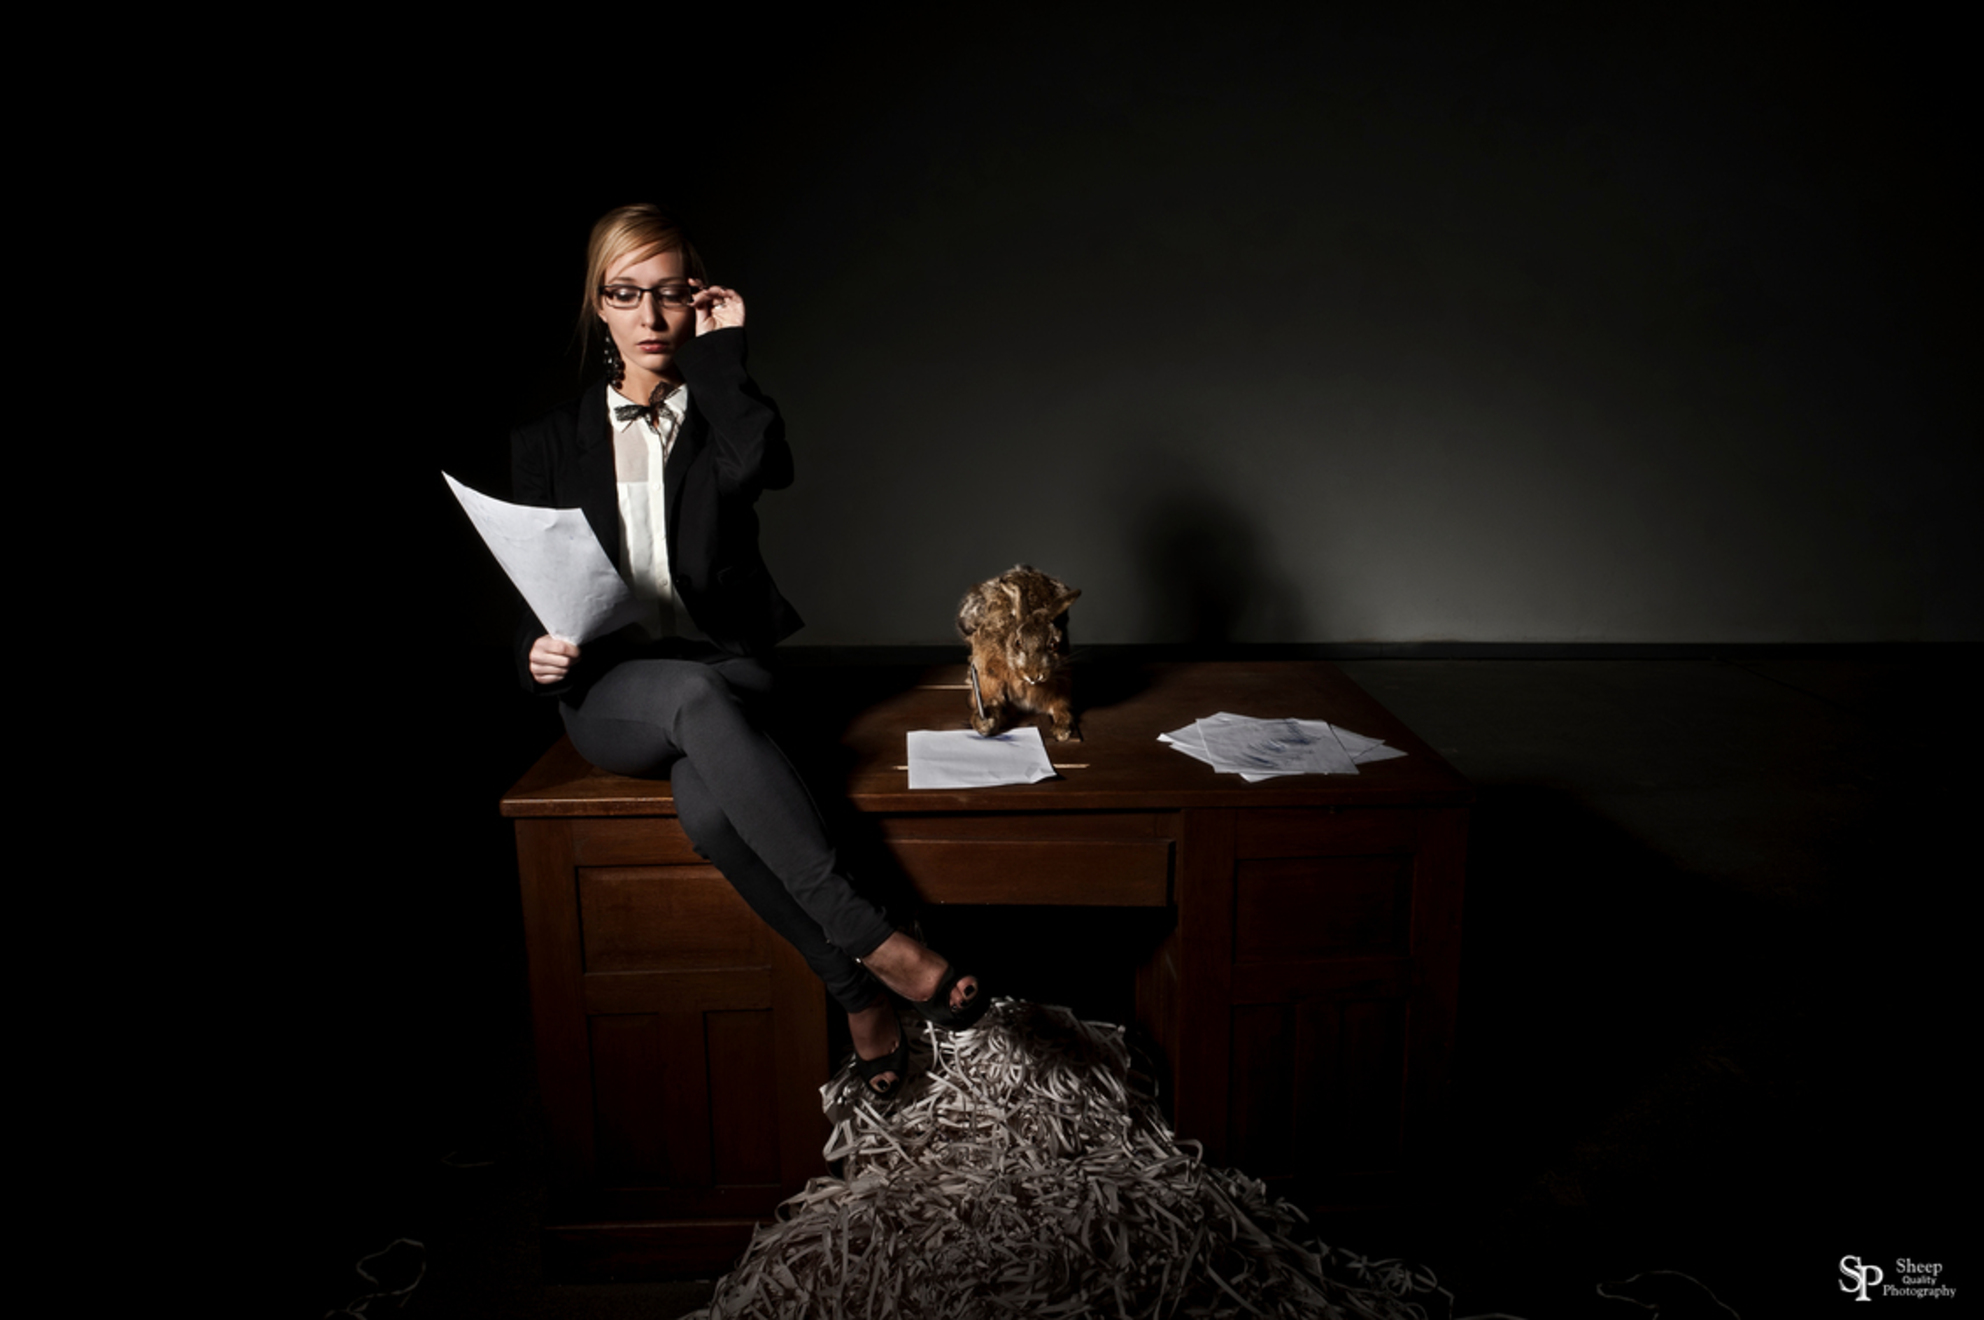 Dear Employee - Employee part I - Uit de Serie : Employee de eerste  Model: Sharon vandenabeele Mua: Patrice troost Locatie: kemzeke - foto door mark-62 op 28-02-2013